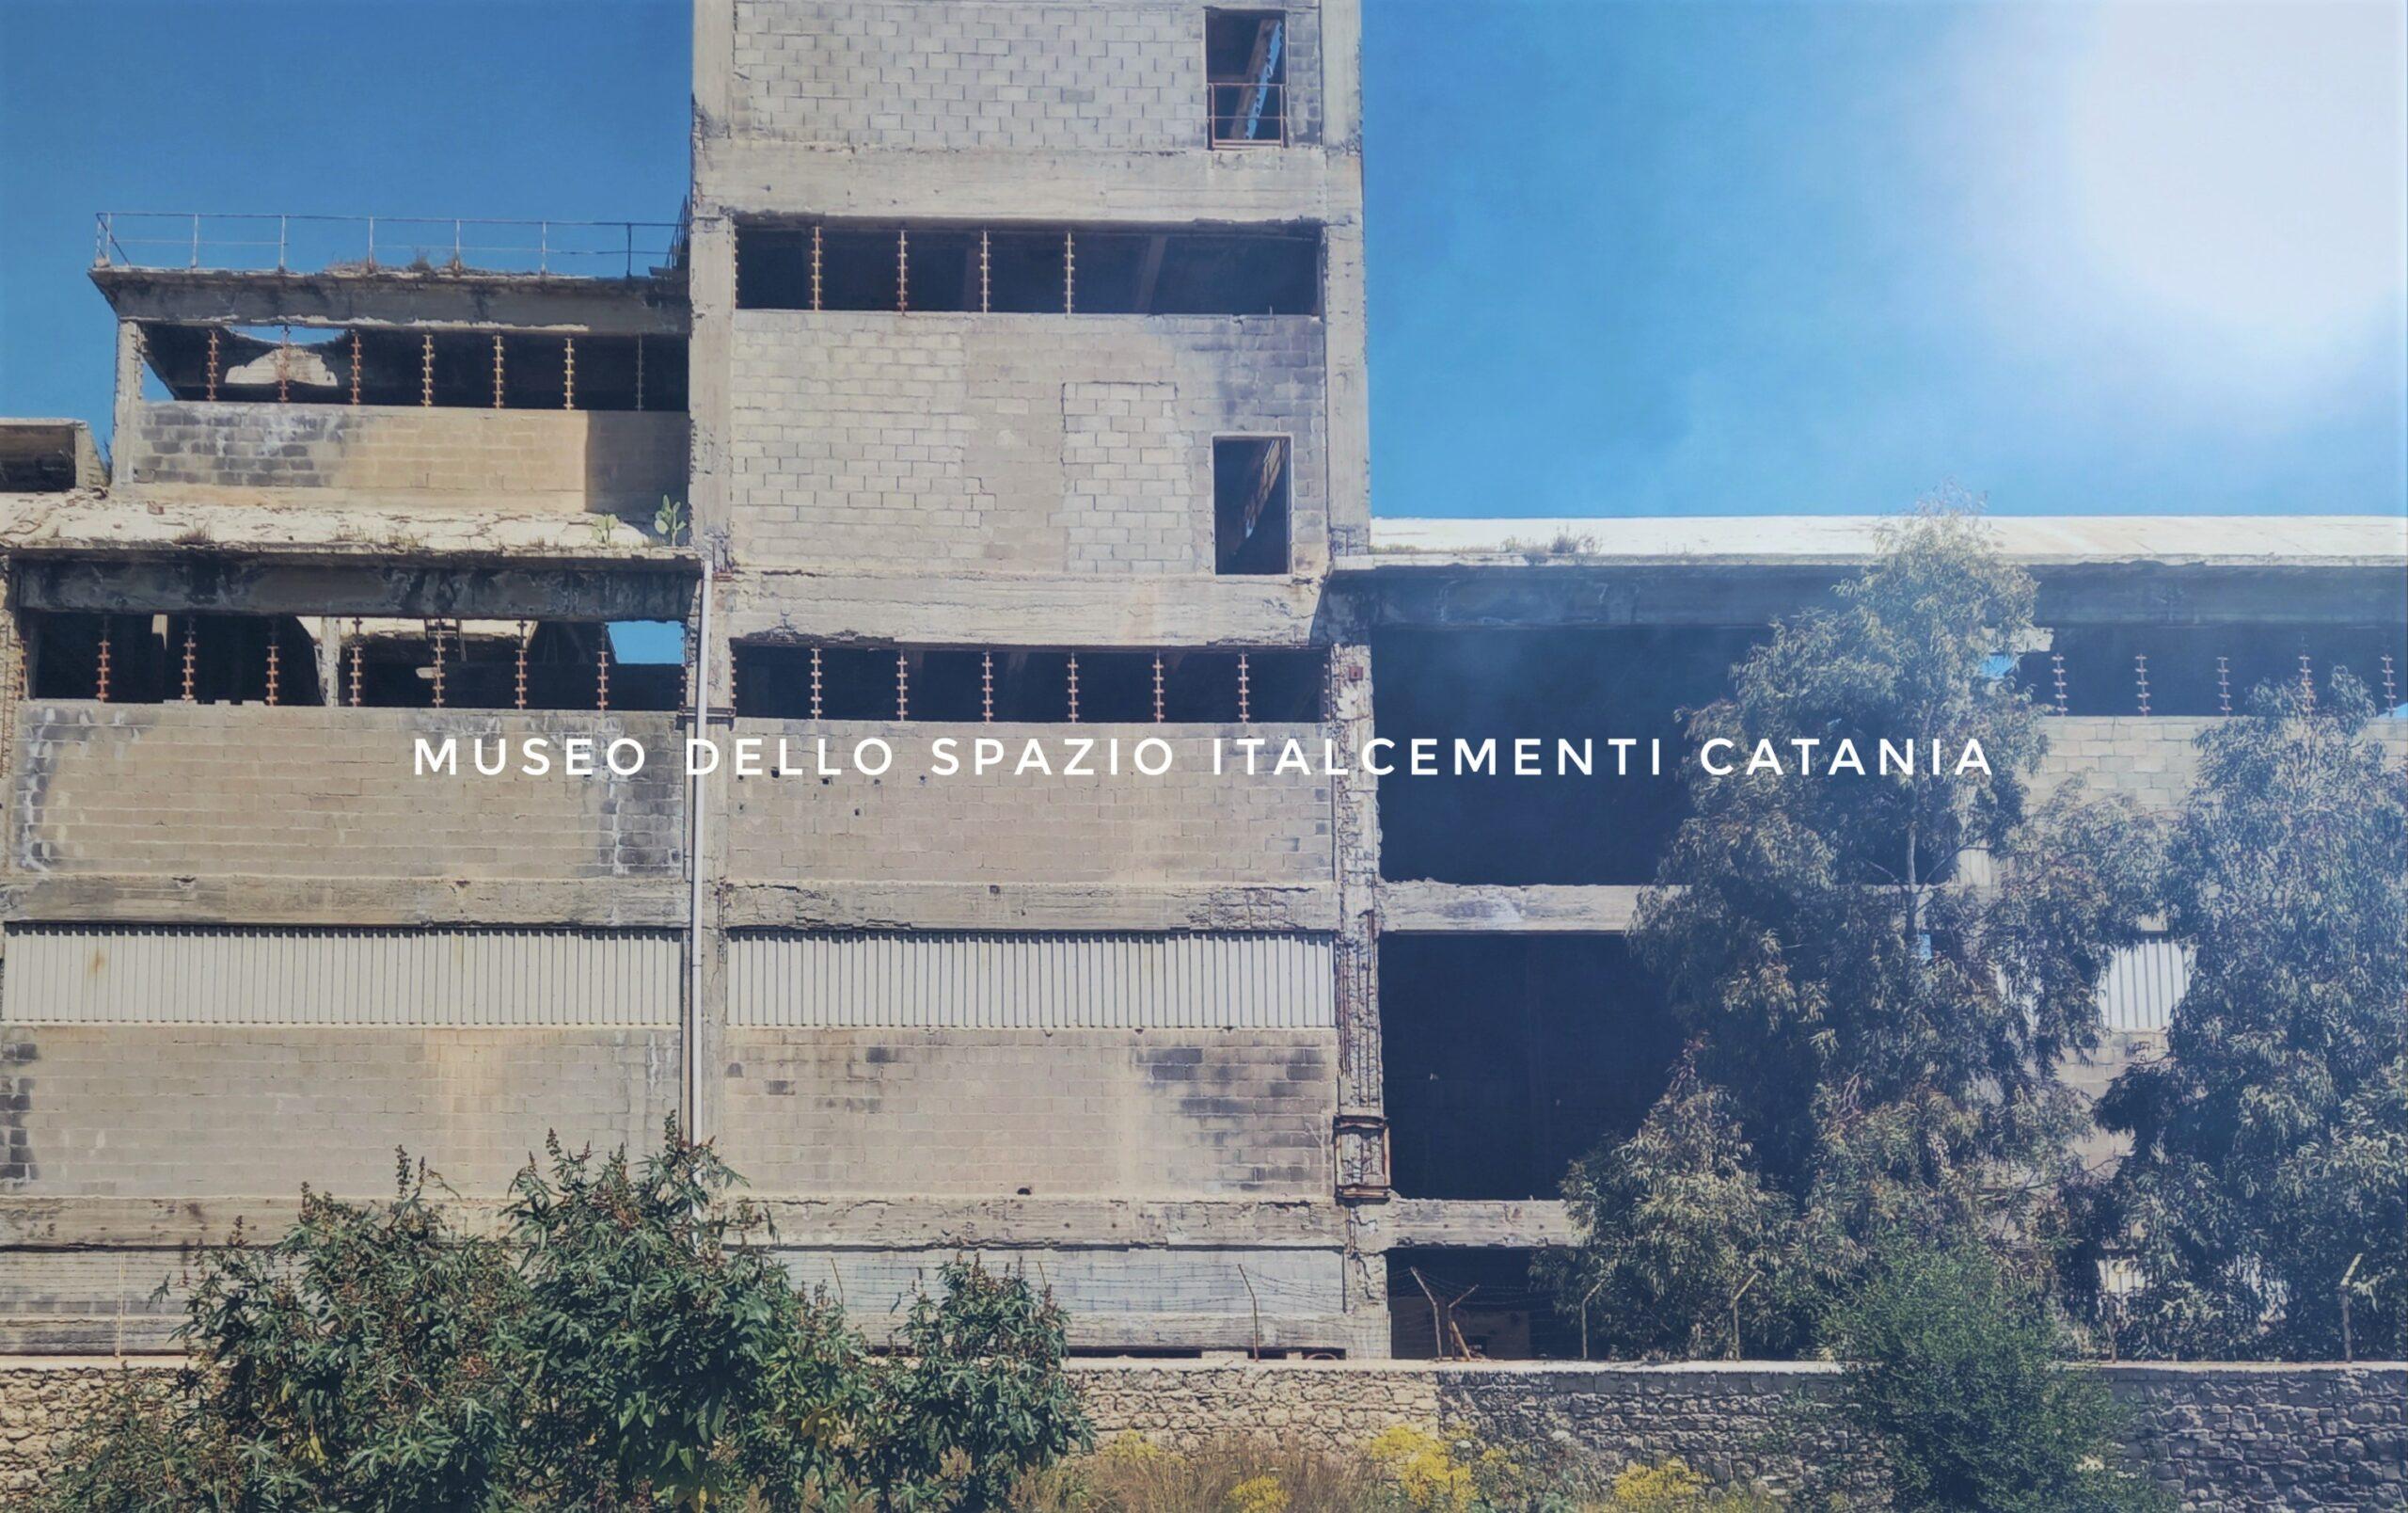 museo dello spazio italcementi catania